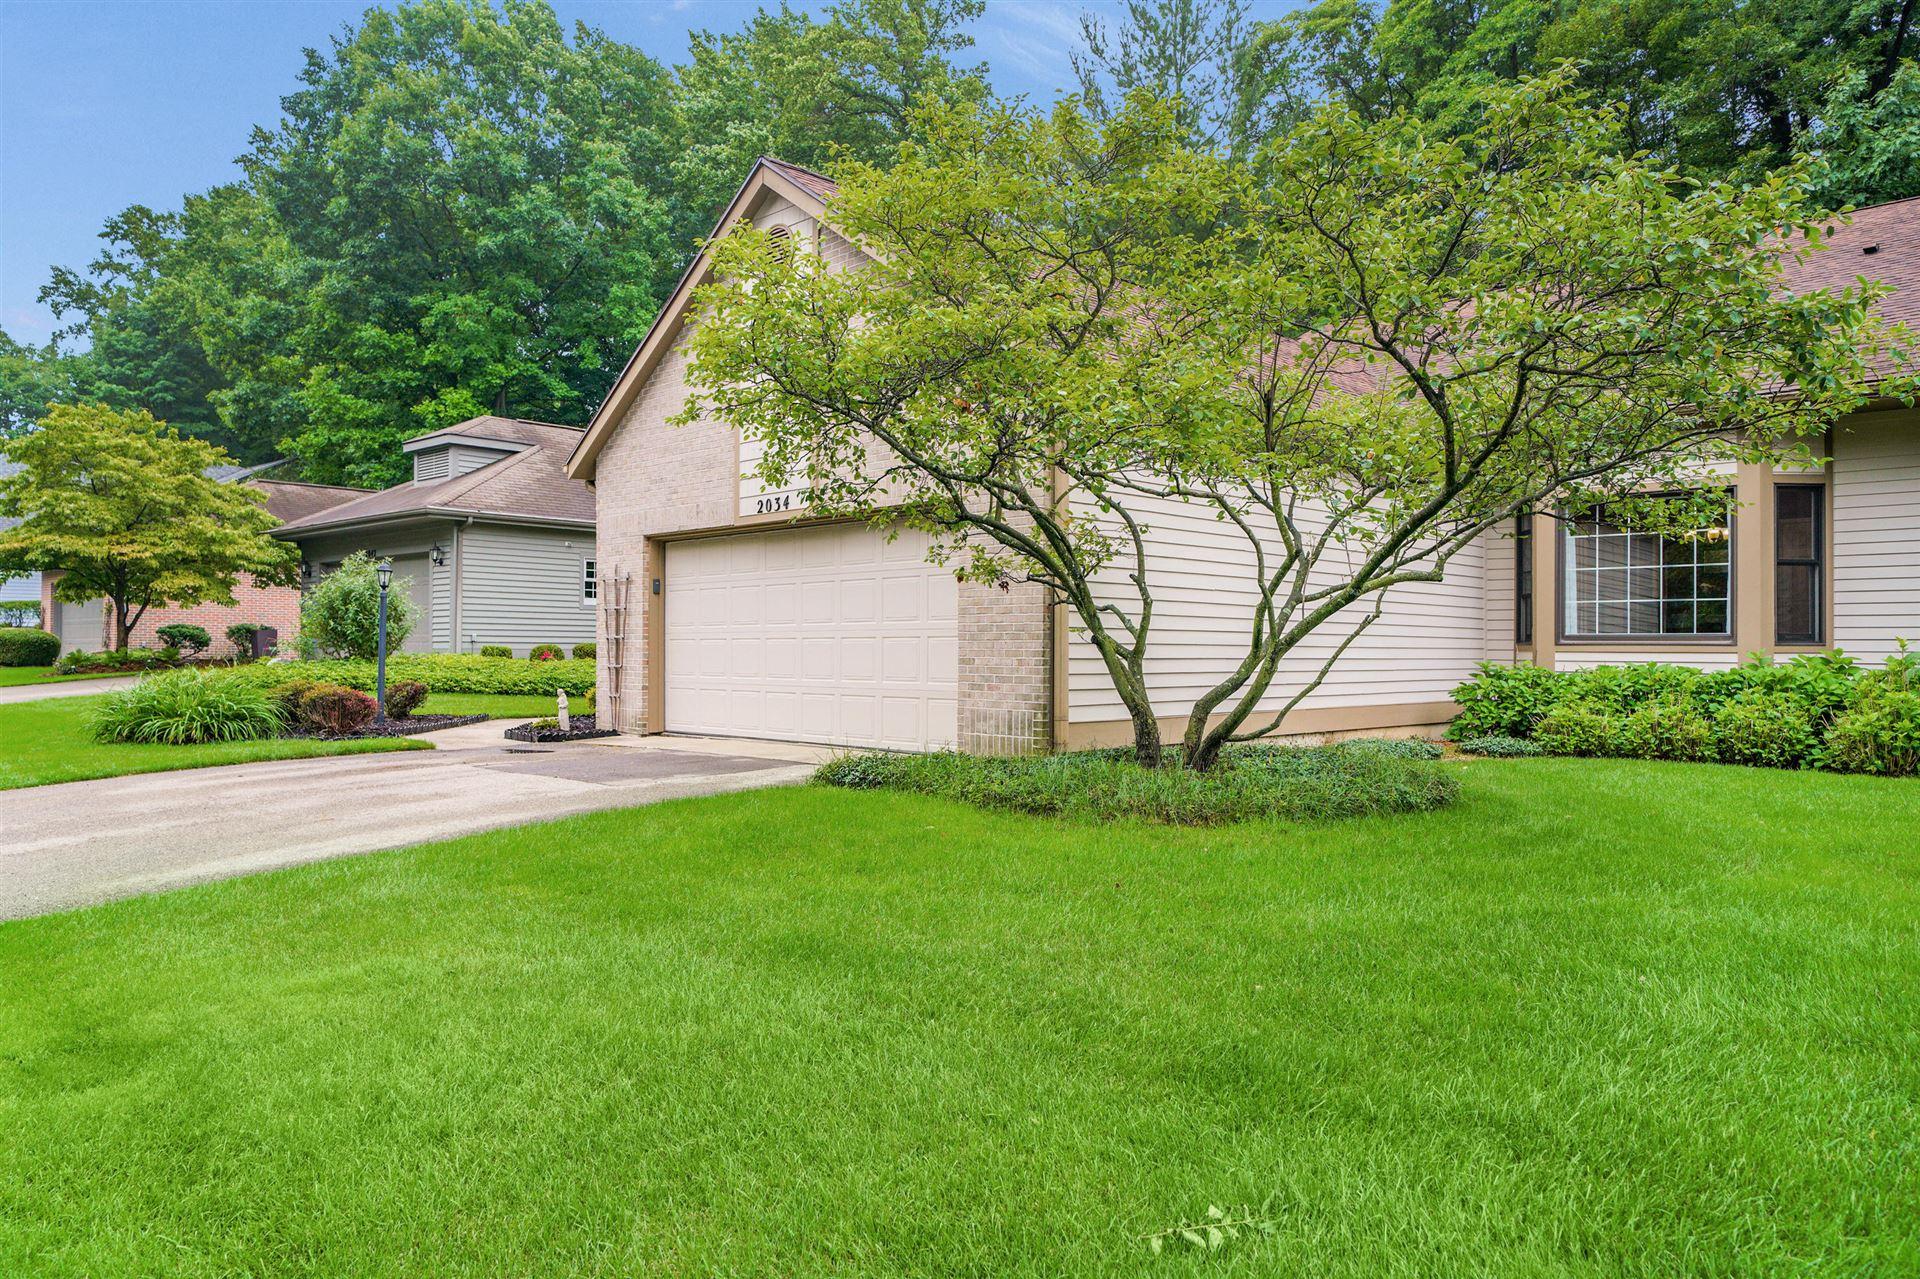 2034 S Cross Creek Drive SE #73, Grand Rapids, MI 49508 - MLS#: 21064861